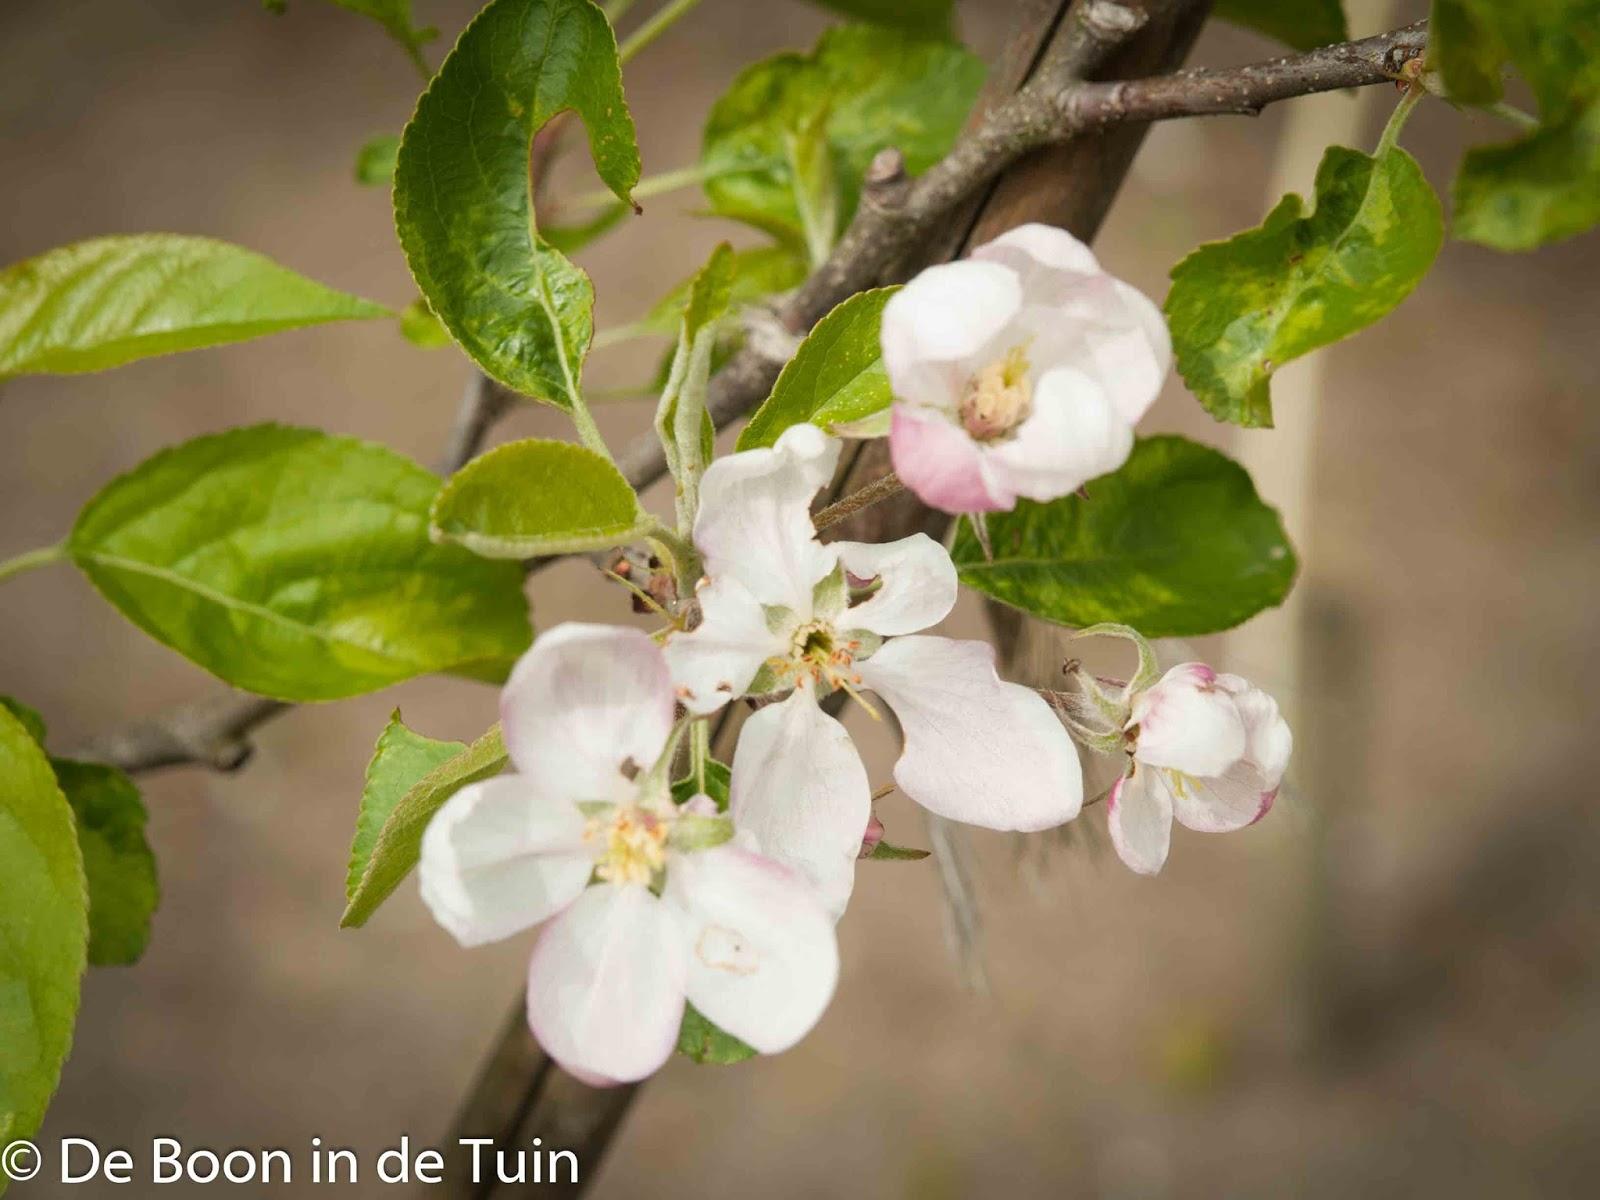 Golden Delicious appelboom bloesem lente voorjaar volkstuin moestuin